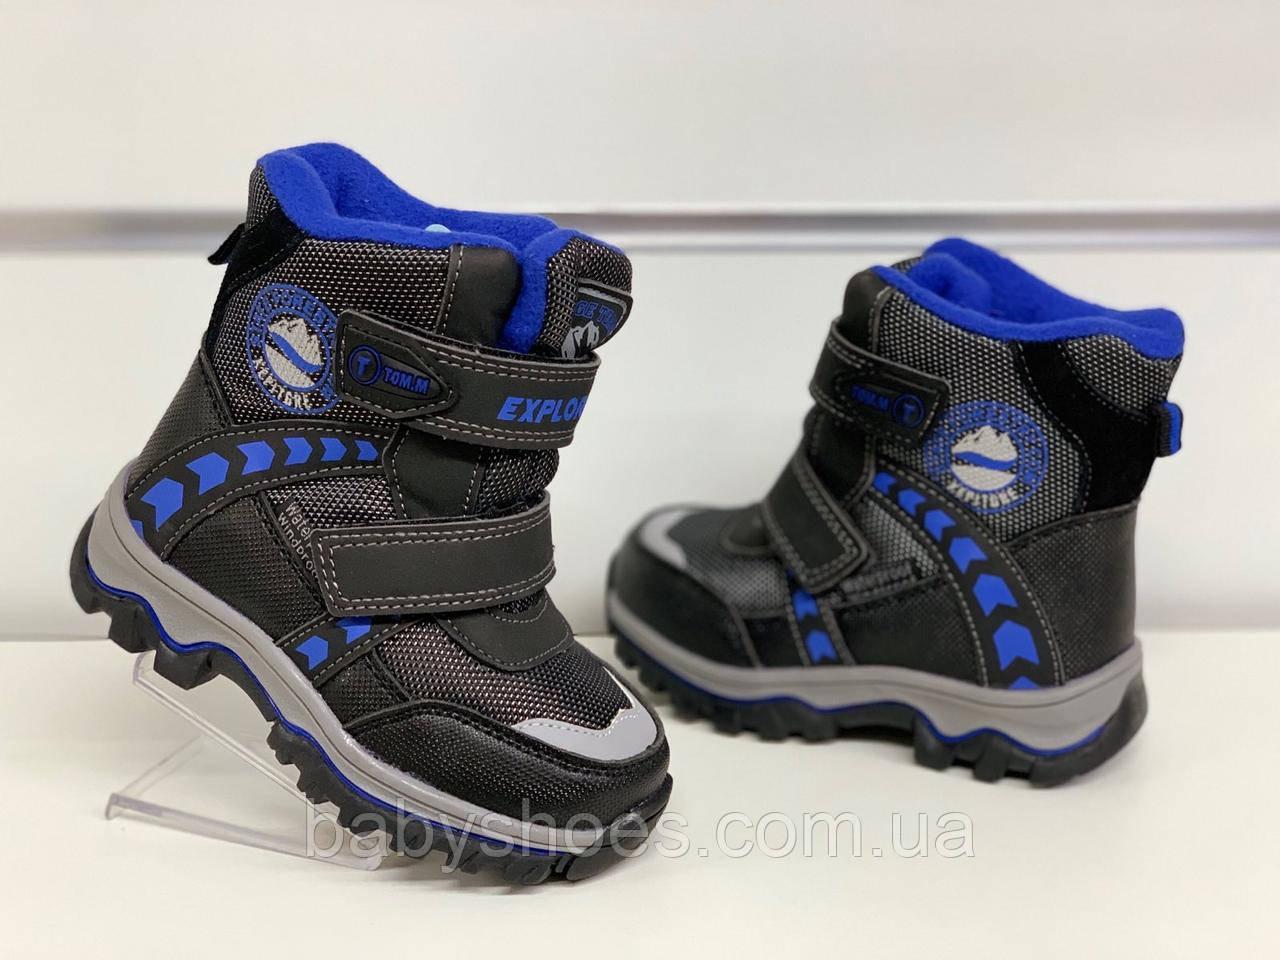 Зимние термо-ботинки, сноубутсы для мальчика Tom.m  р.23-28